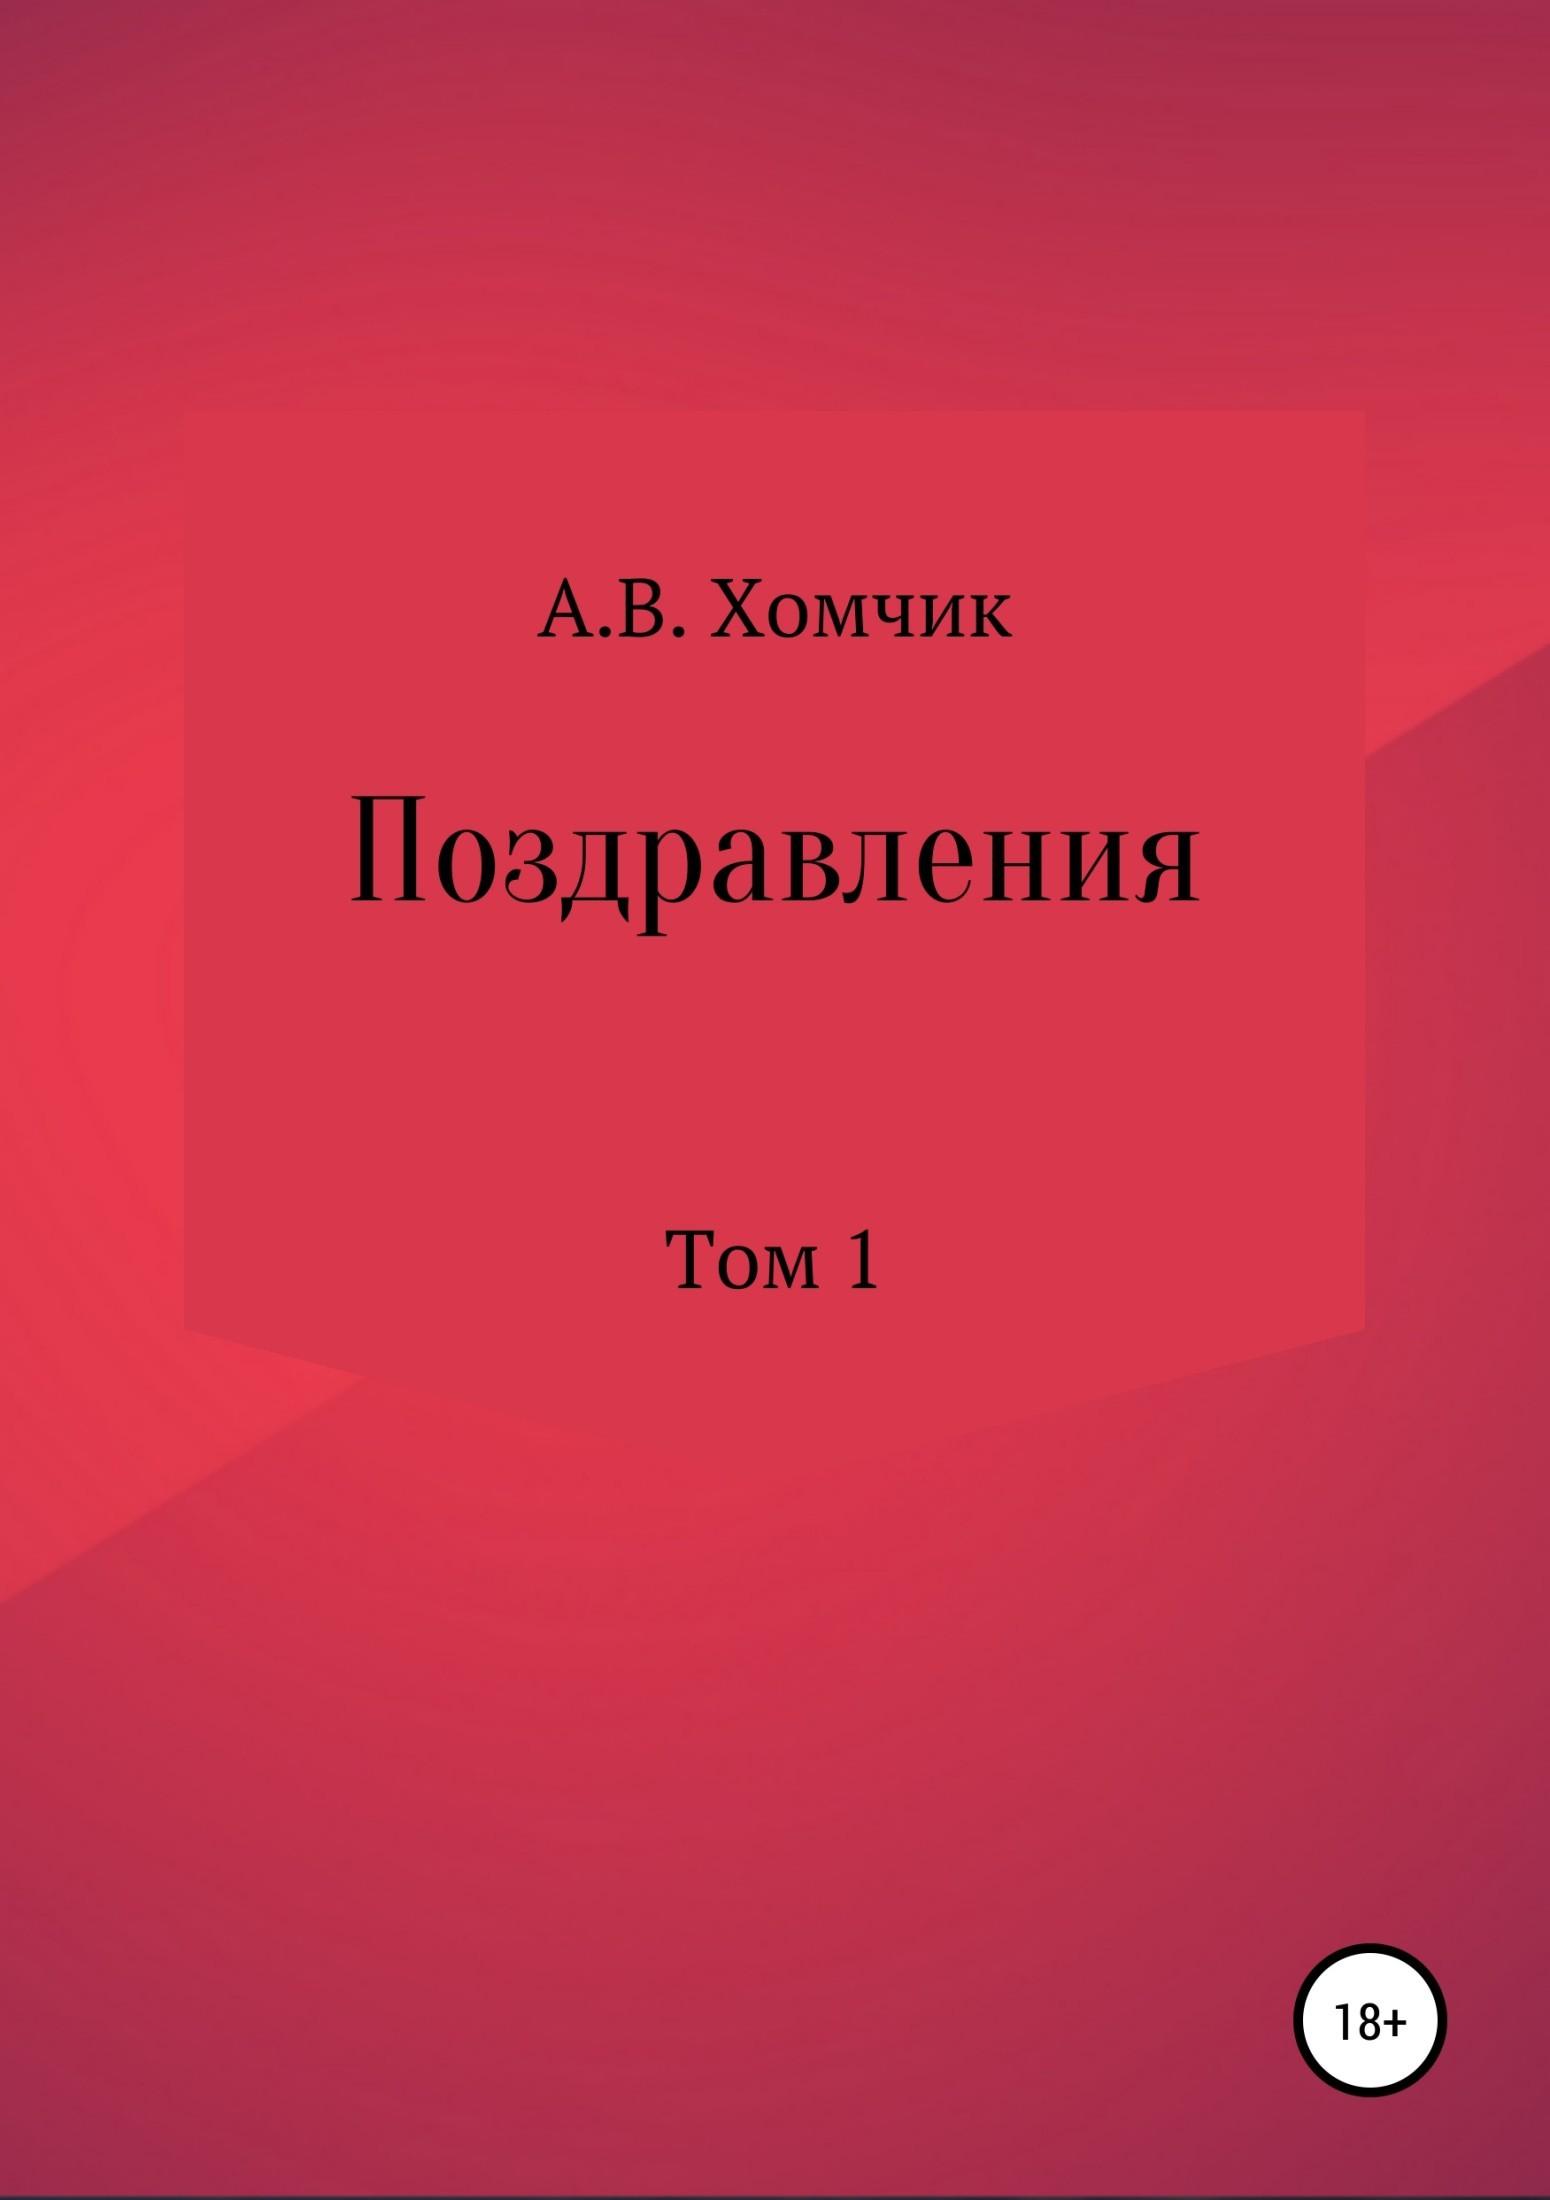 Александр Владимирович Хомчик Поздравления. Том 1 а ликум все обо всем том 3